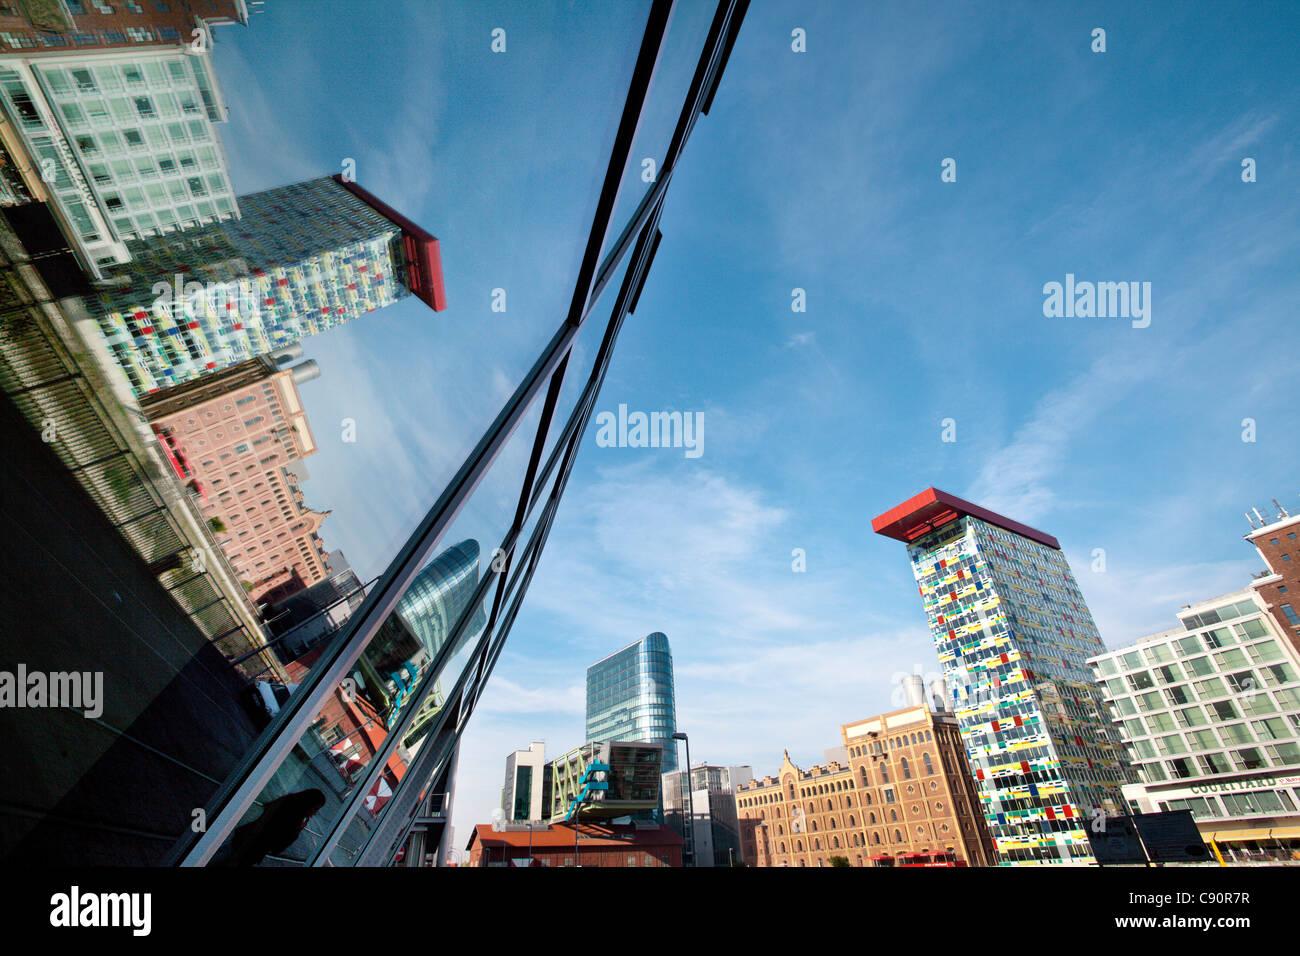 Reflexion über Glasfassade, Medienhafen, Düsseldorf, Düsseldorf, Nordrhein-Westfalen, Deutschland, Stockbild